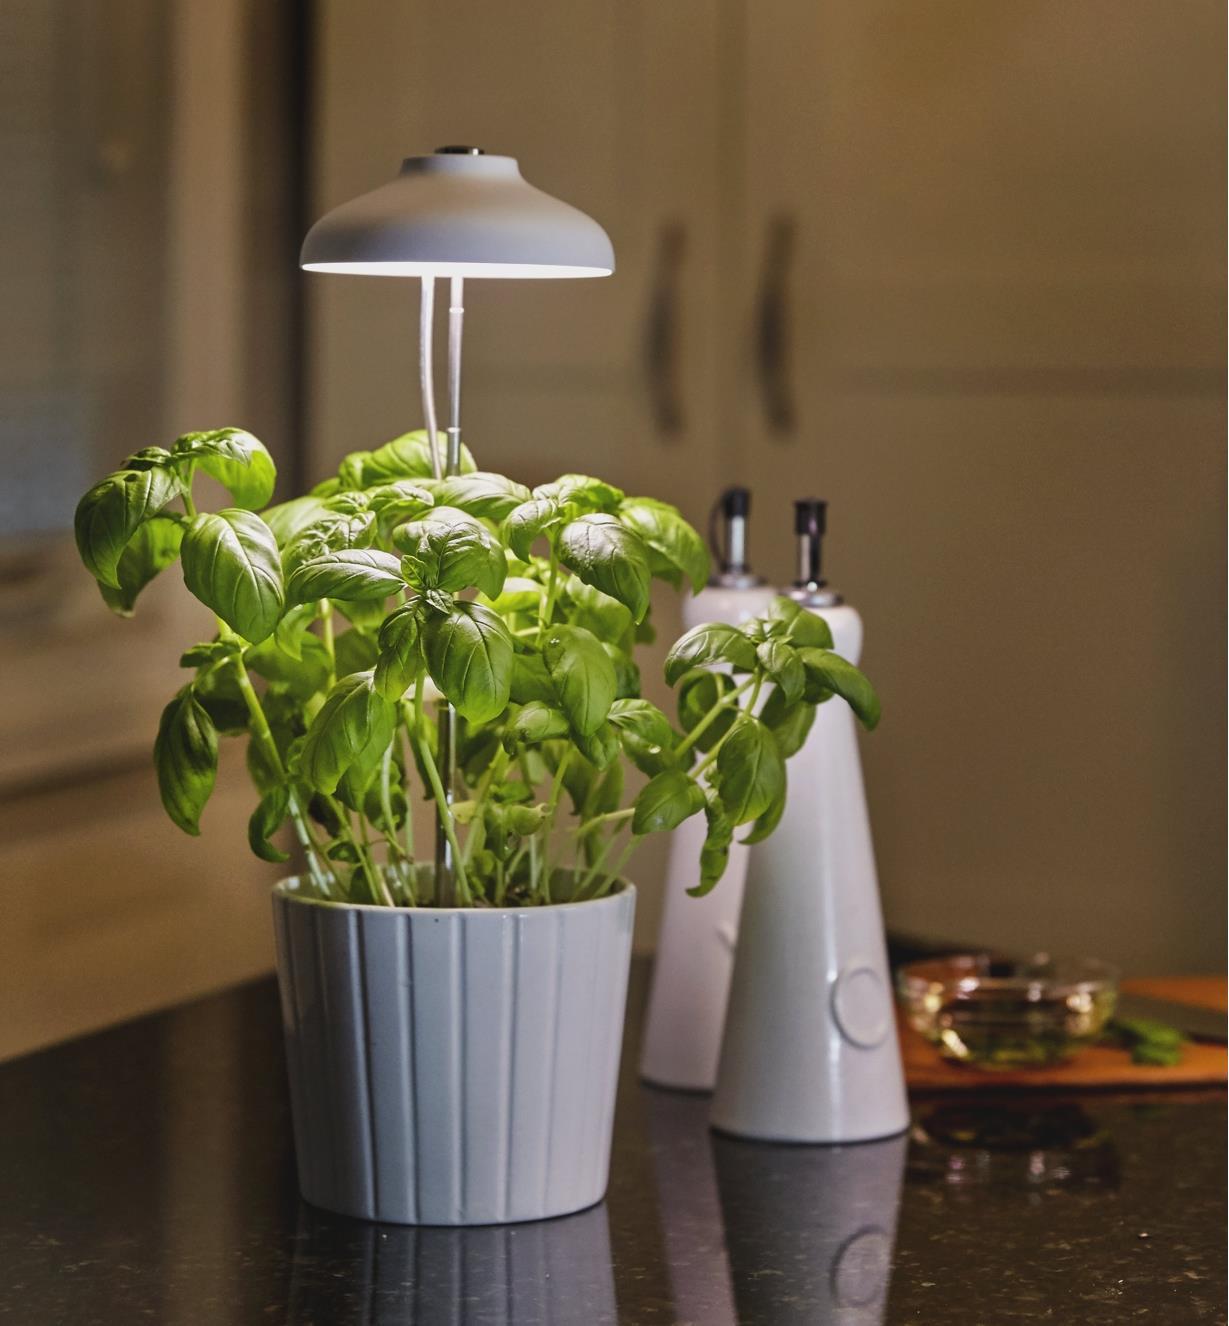 Minilampe horticole à DEL illuminant un pot de fines herbes sur une table